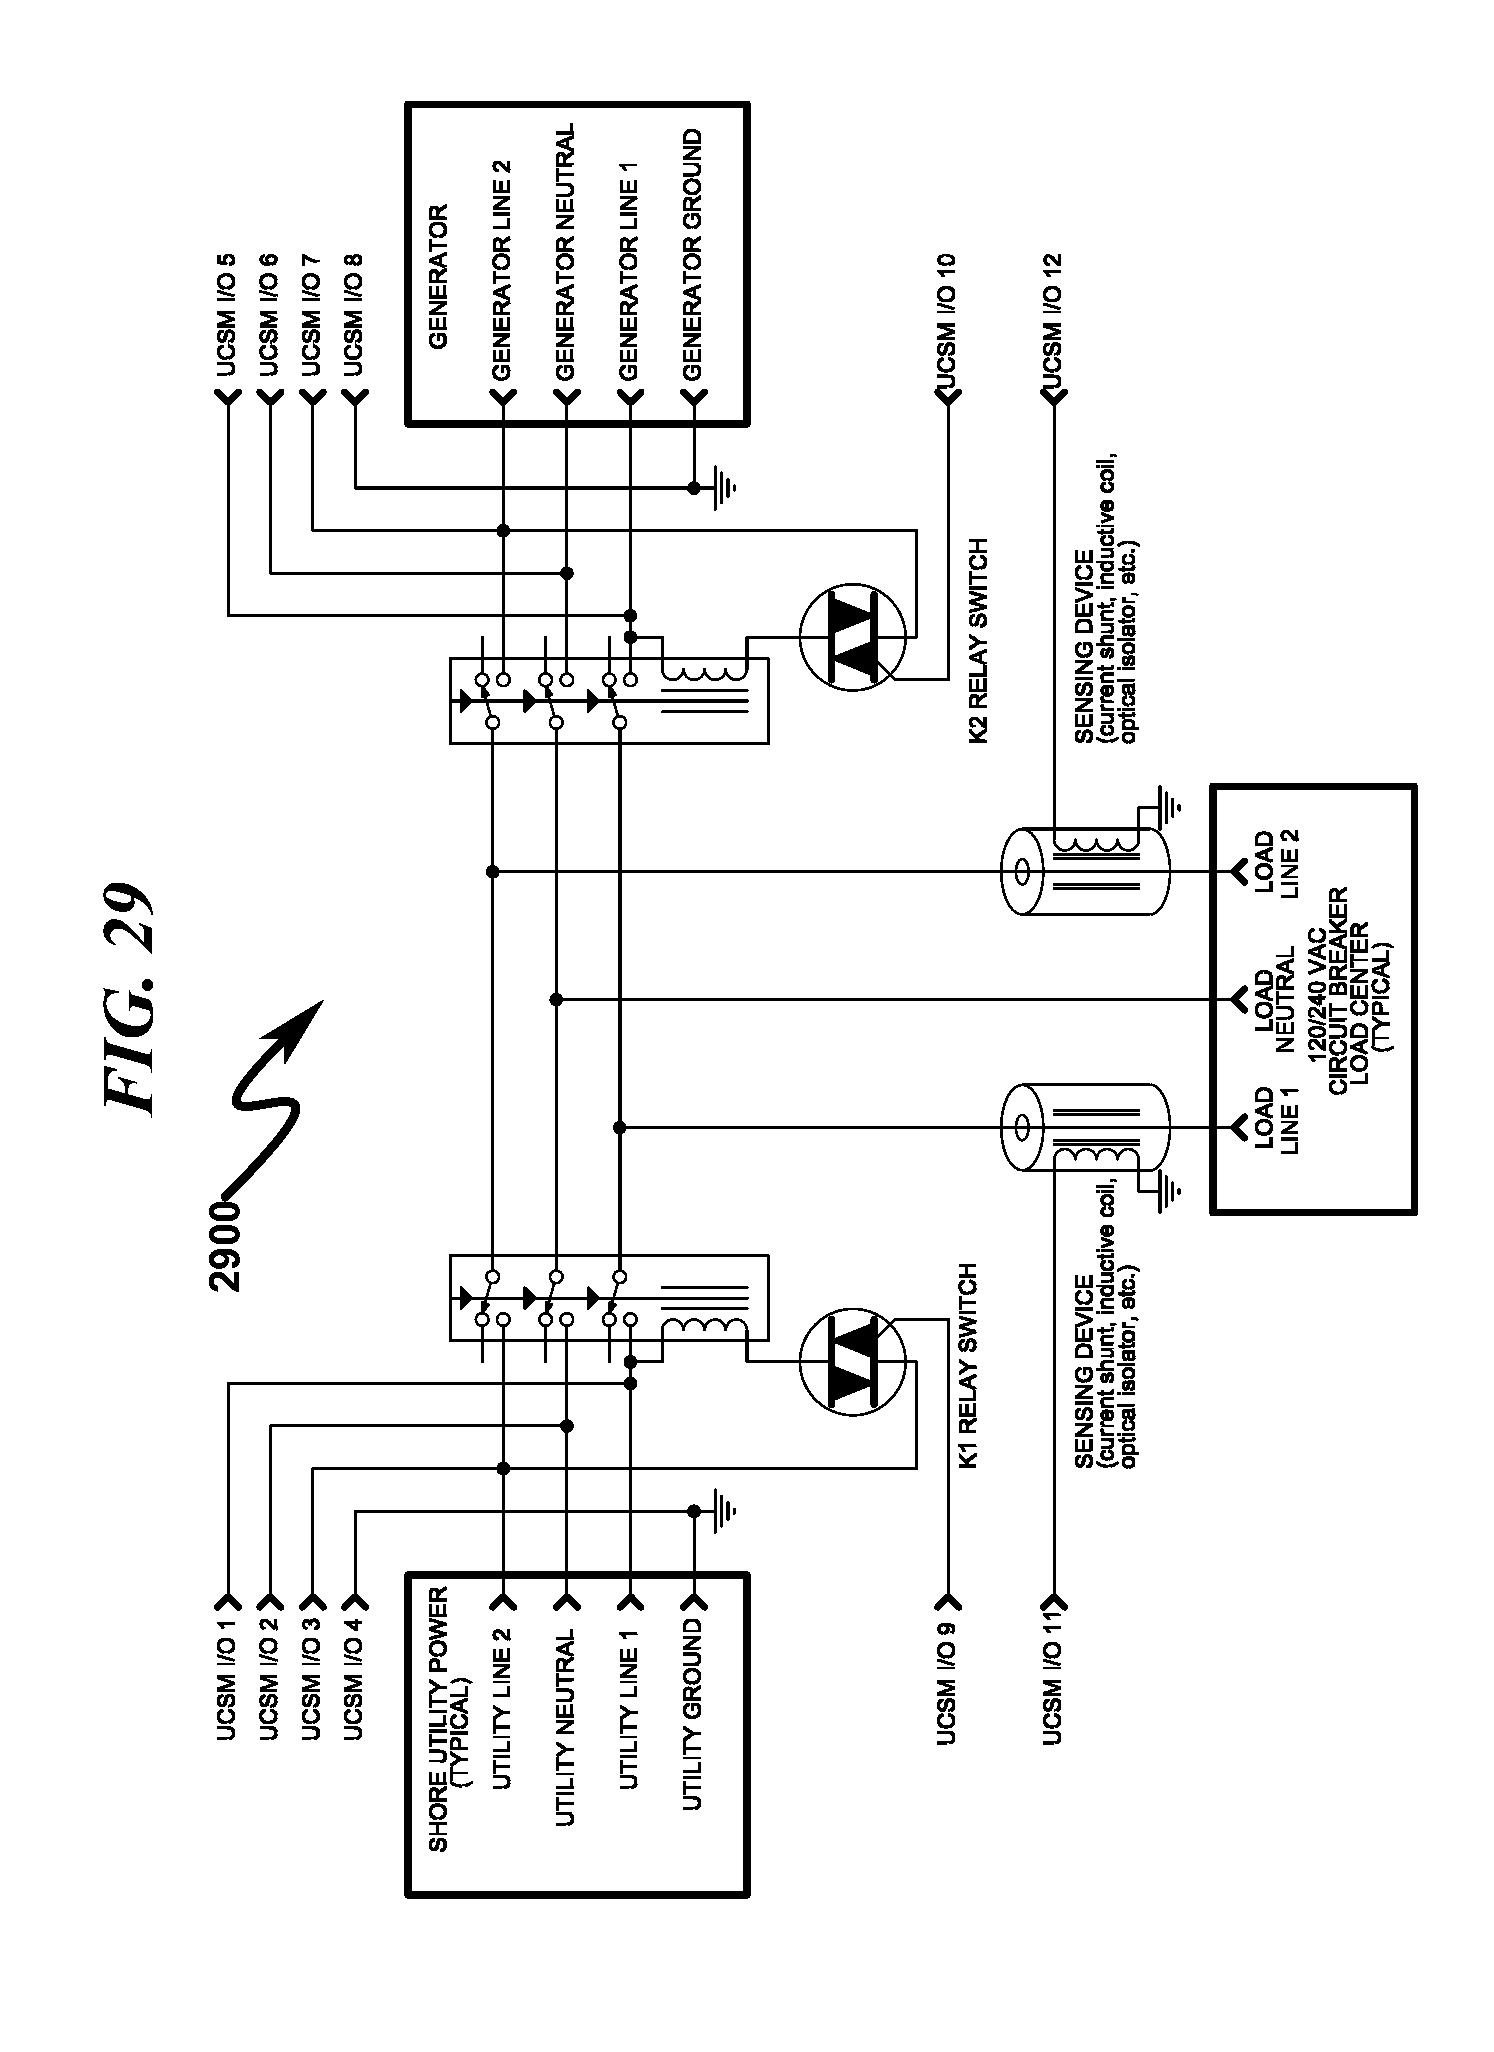 mach 460 wiring diagram pdf